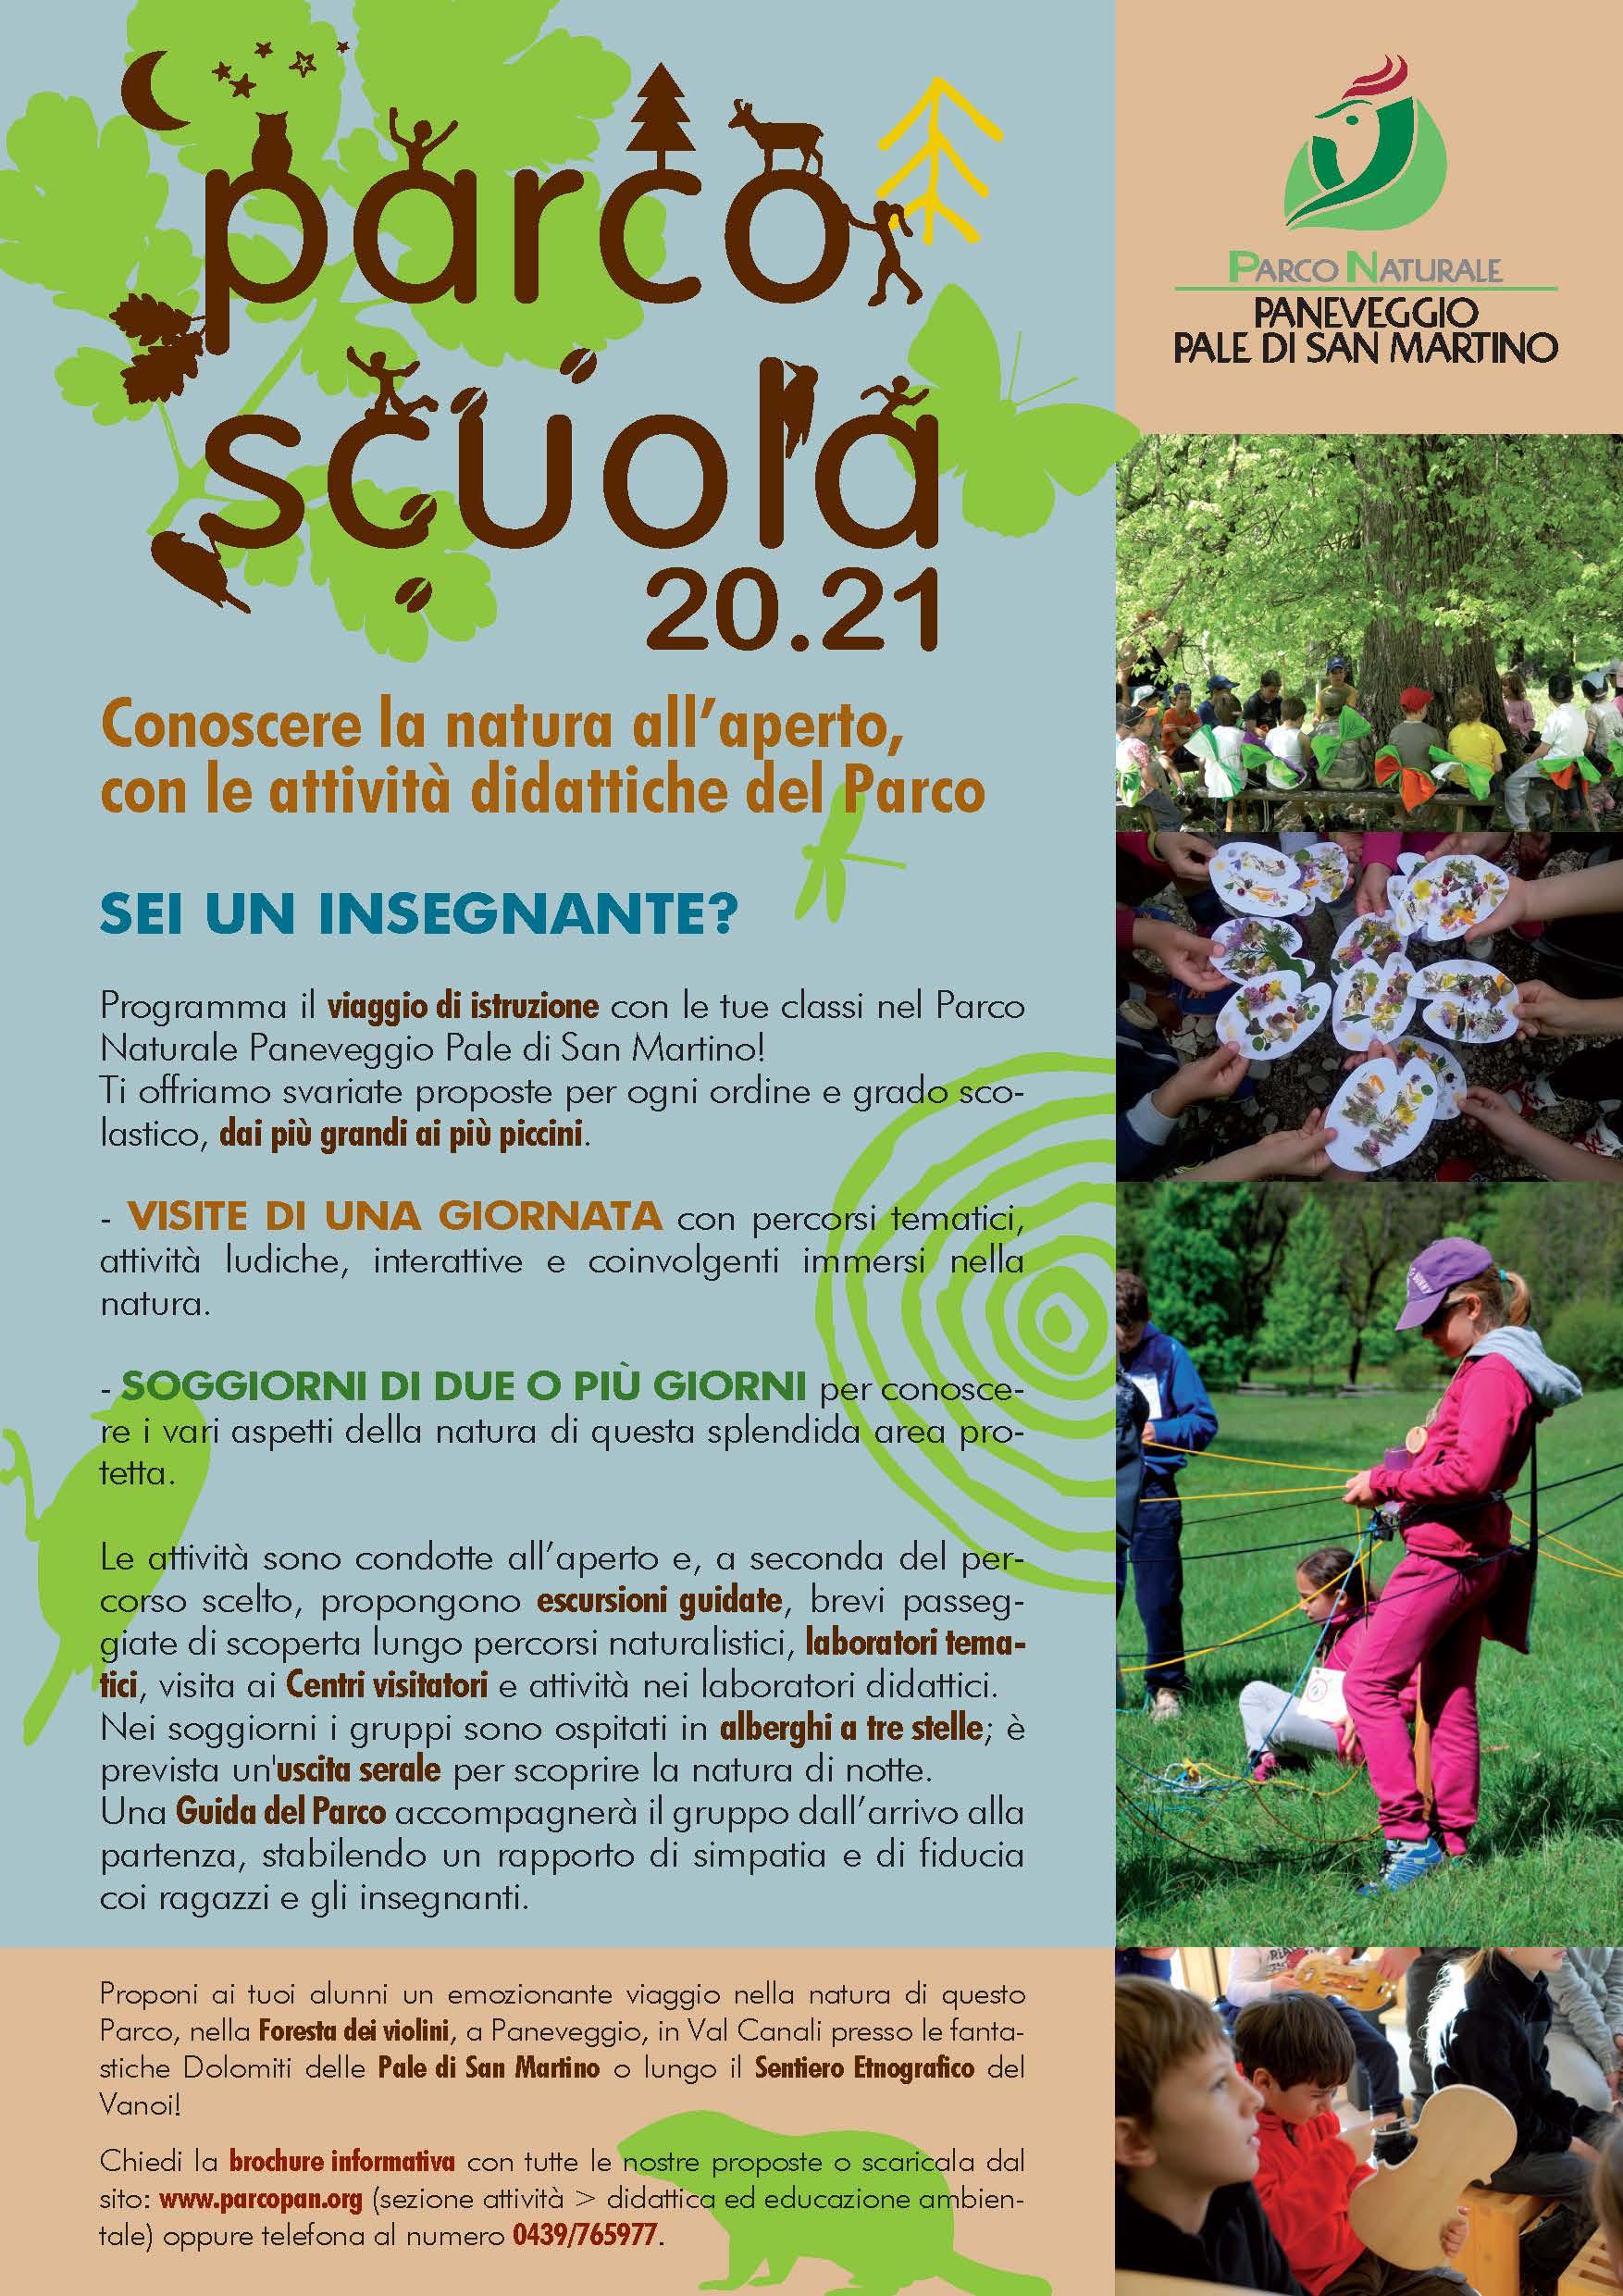 Parco-Scuola-Paneveggio-2021